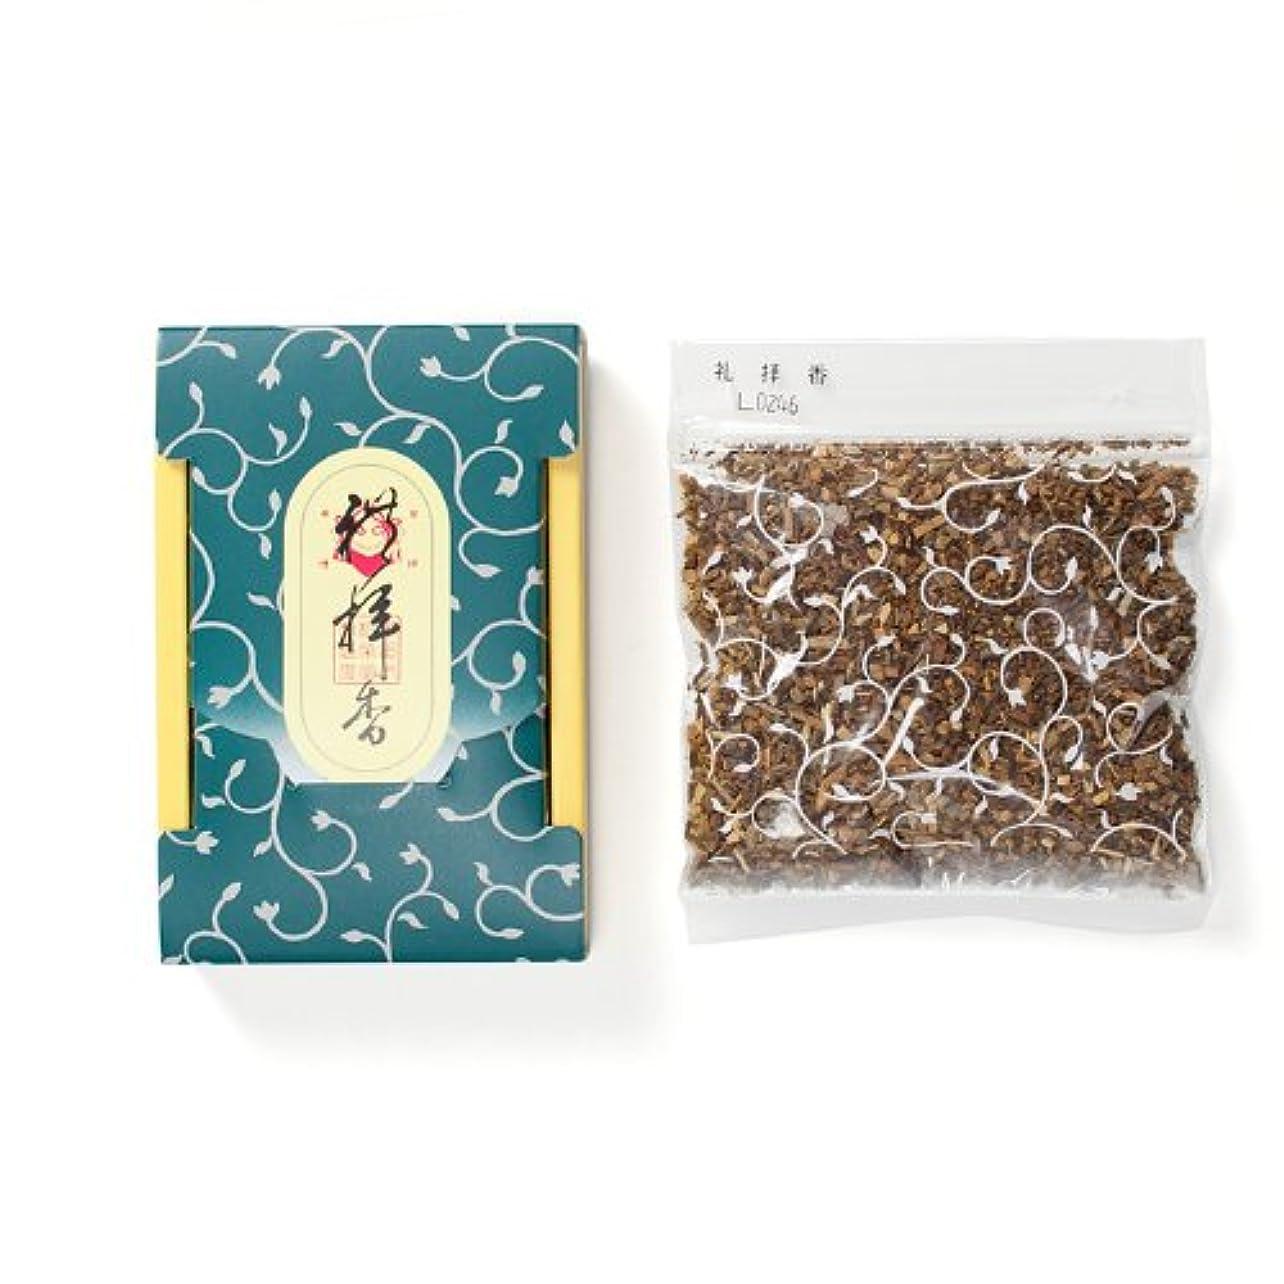 バルーン雄大な行方不明松栄堂のお焼香 礼拝香 25g詰 小箱入 #410541